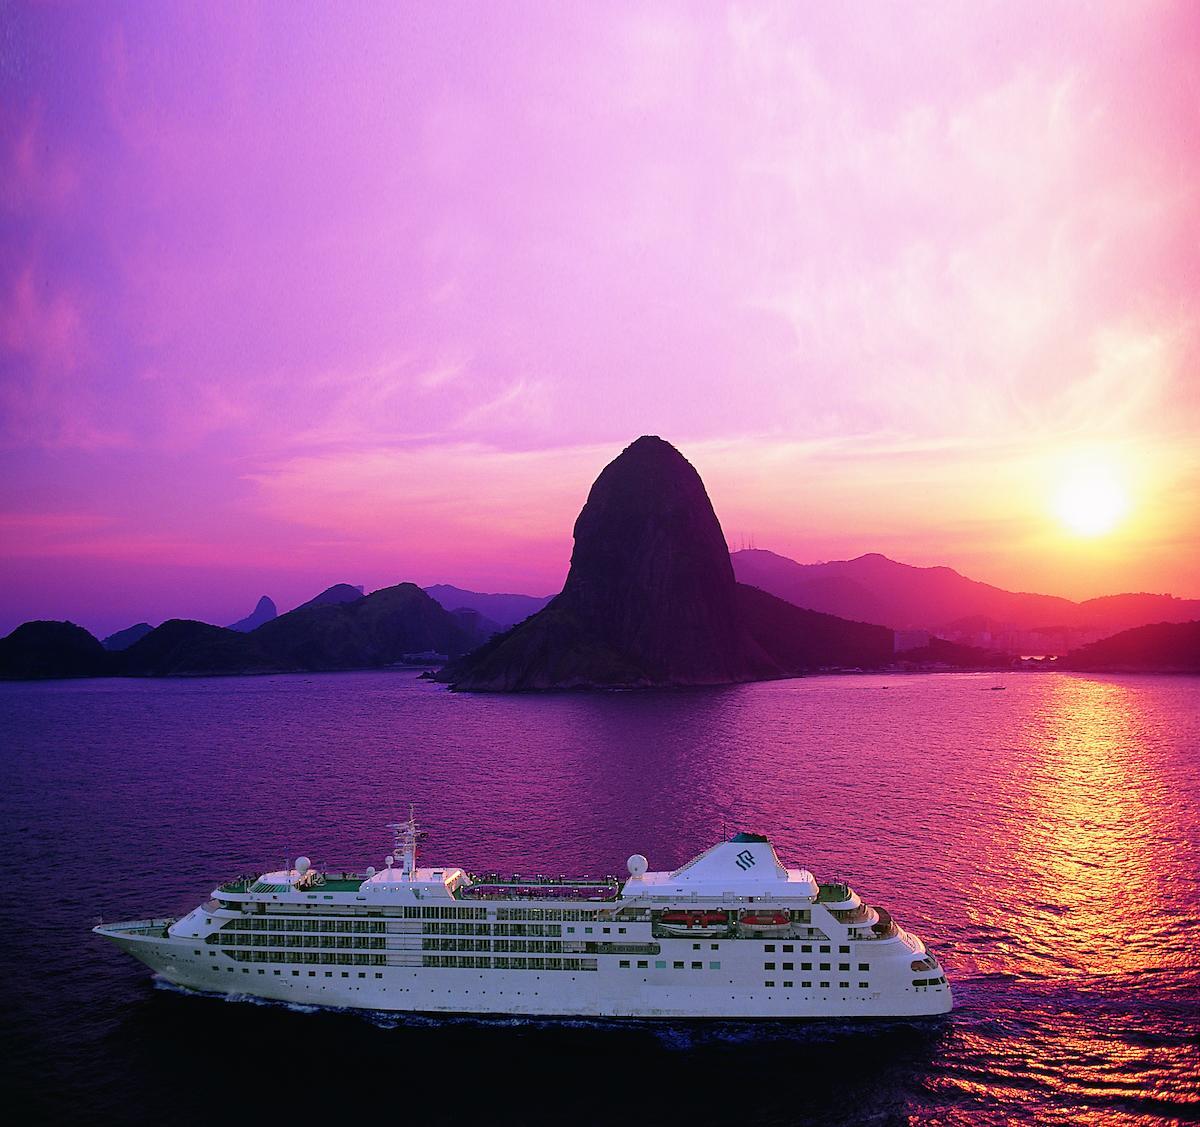 Die Silver Muse von Silversea Cruises im Sonnenuntergang vor dem Zuckerhut in Rio de Janeiro